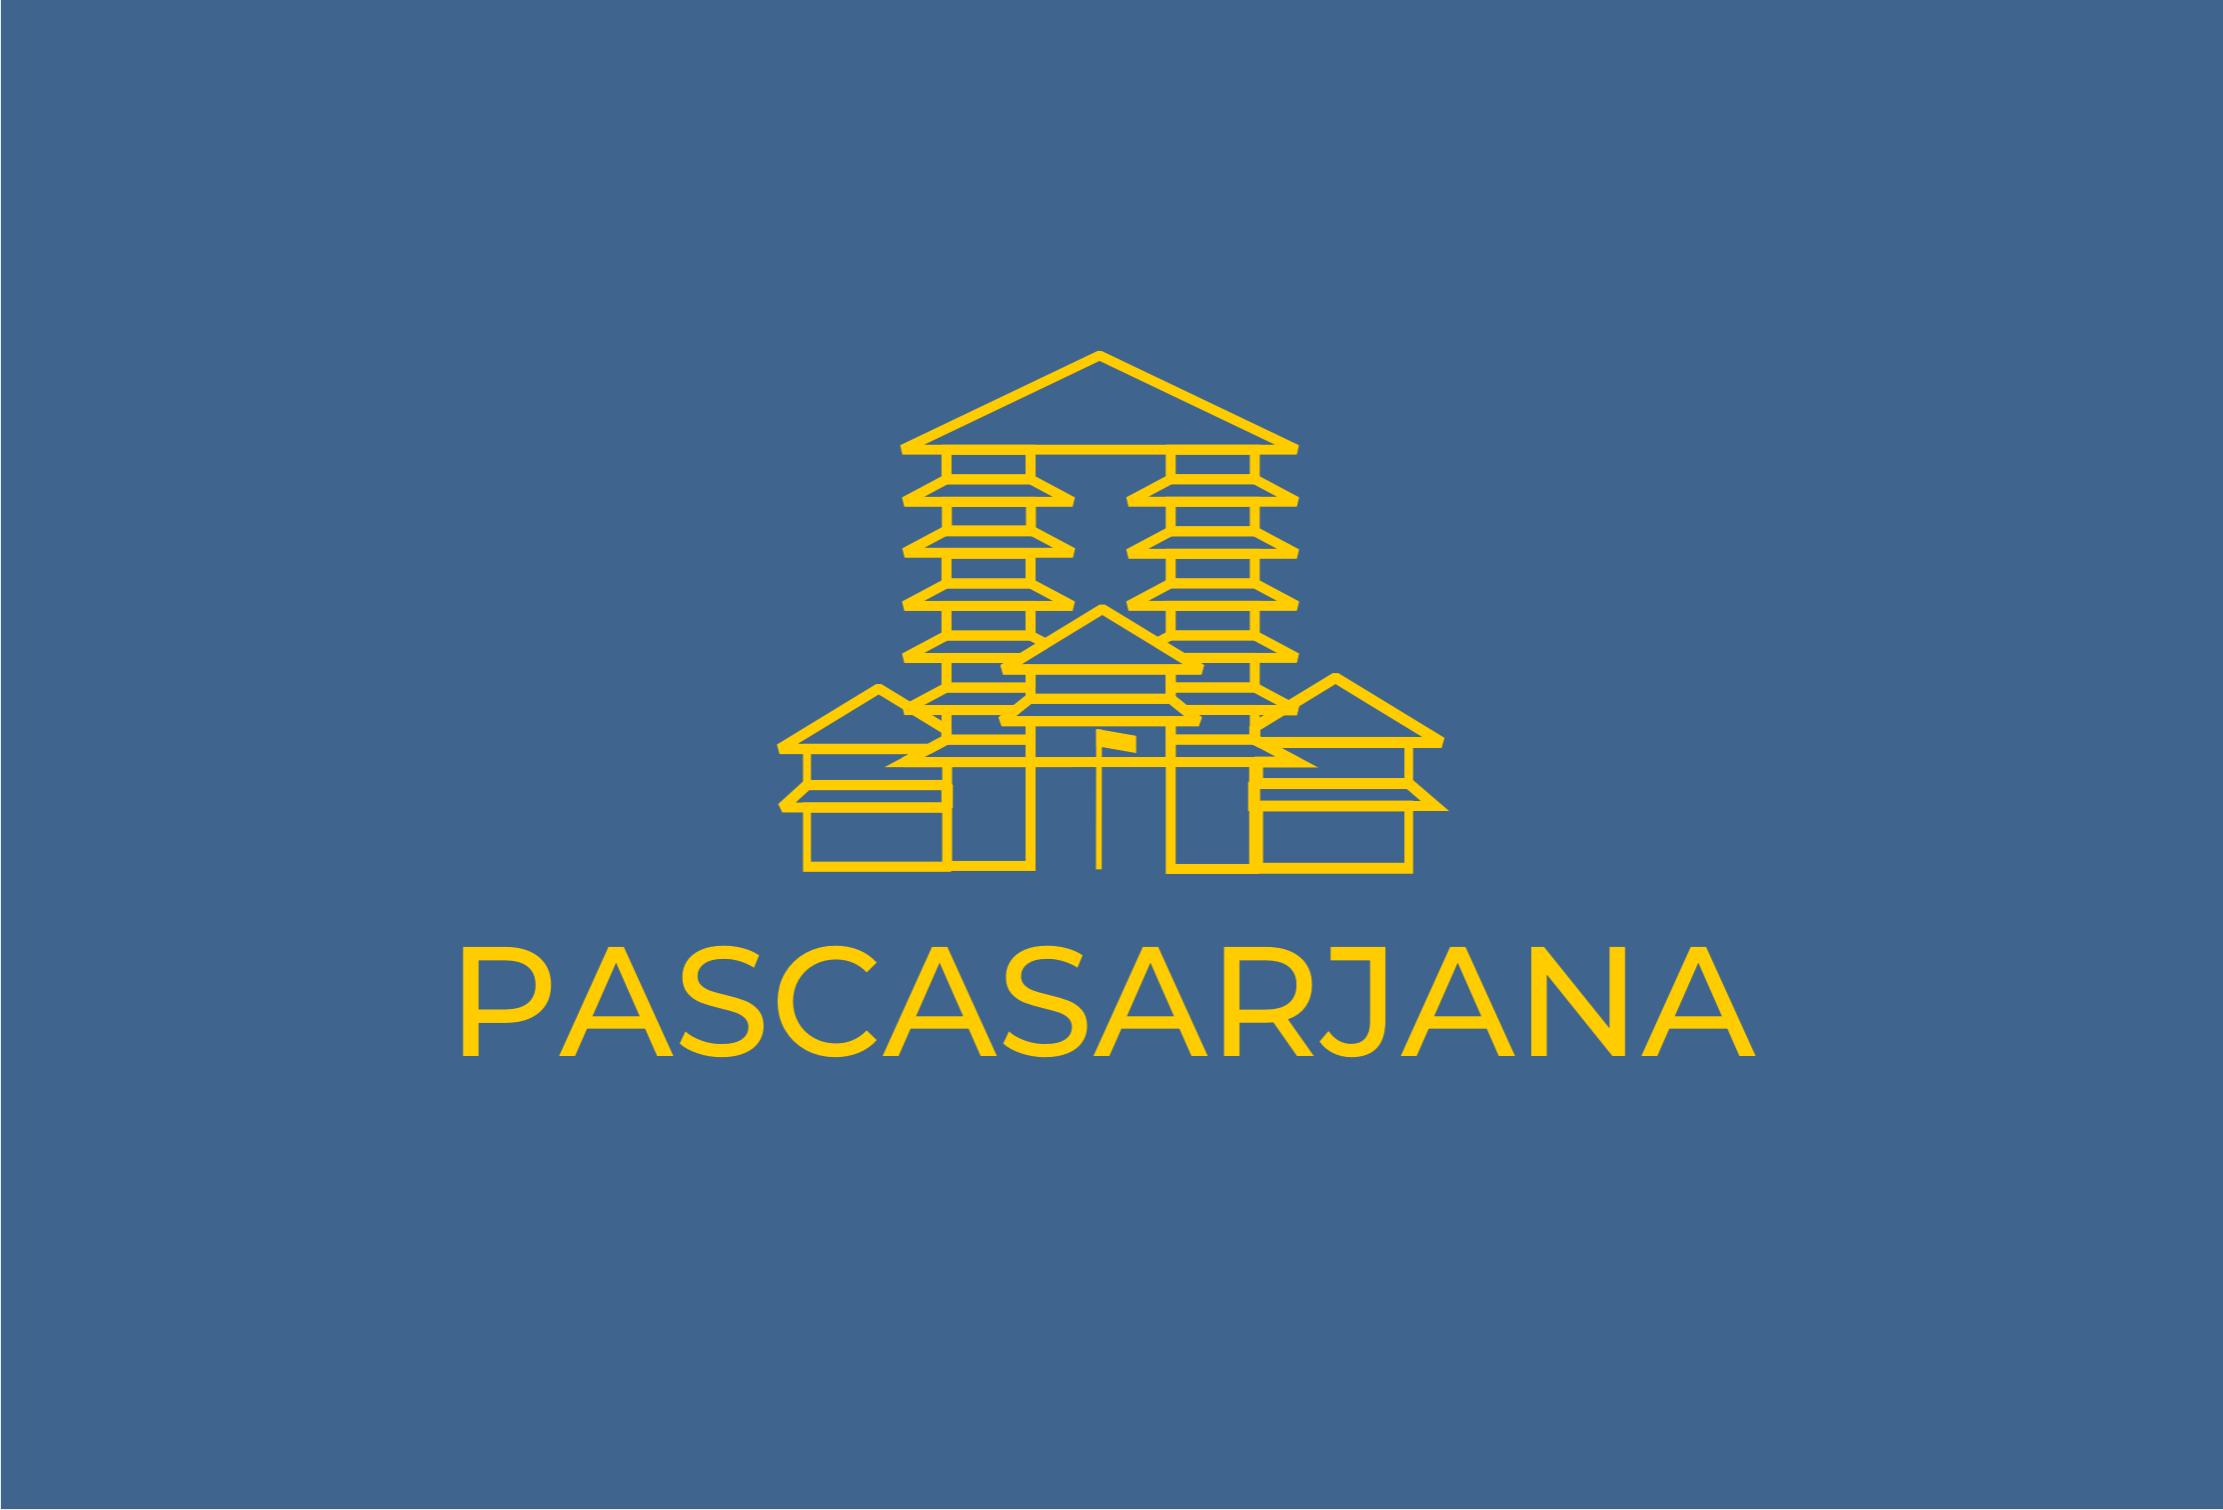 PASCA